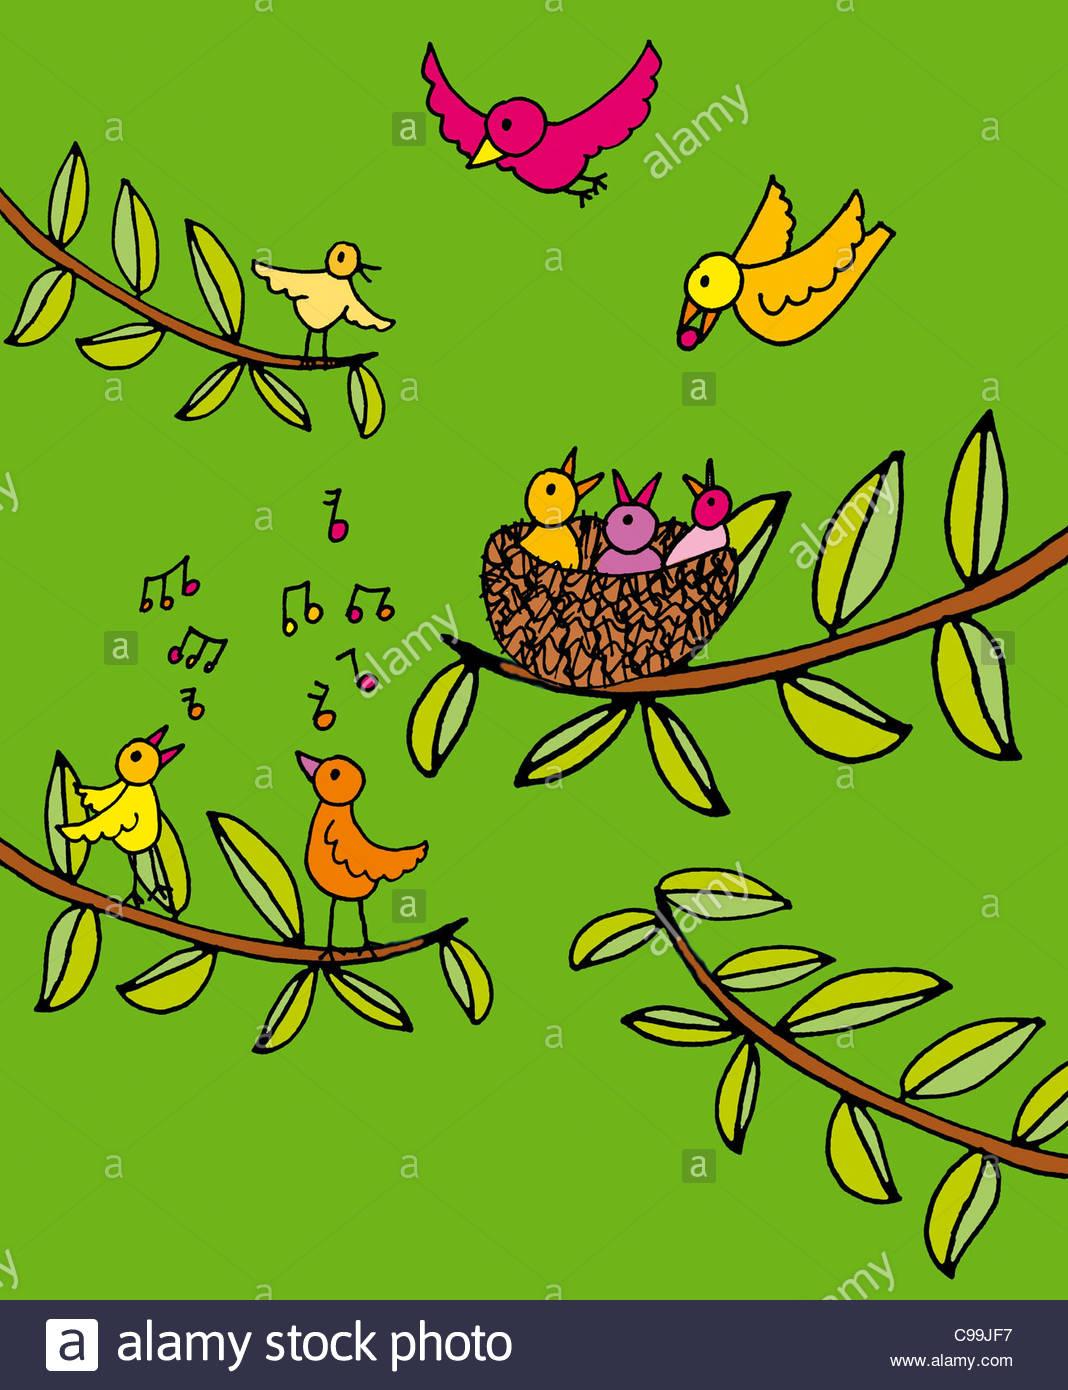 Molti uccelli nidificano UCCELLO CANTO molla animale NESTWAERME Vogel amore simbolismo uova uovo nidi di uccelli Immagini Stock